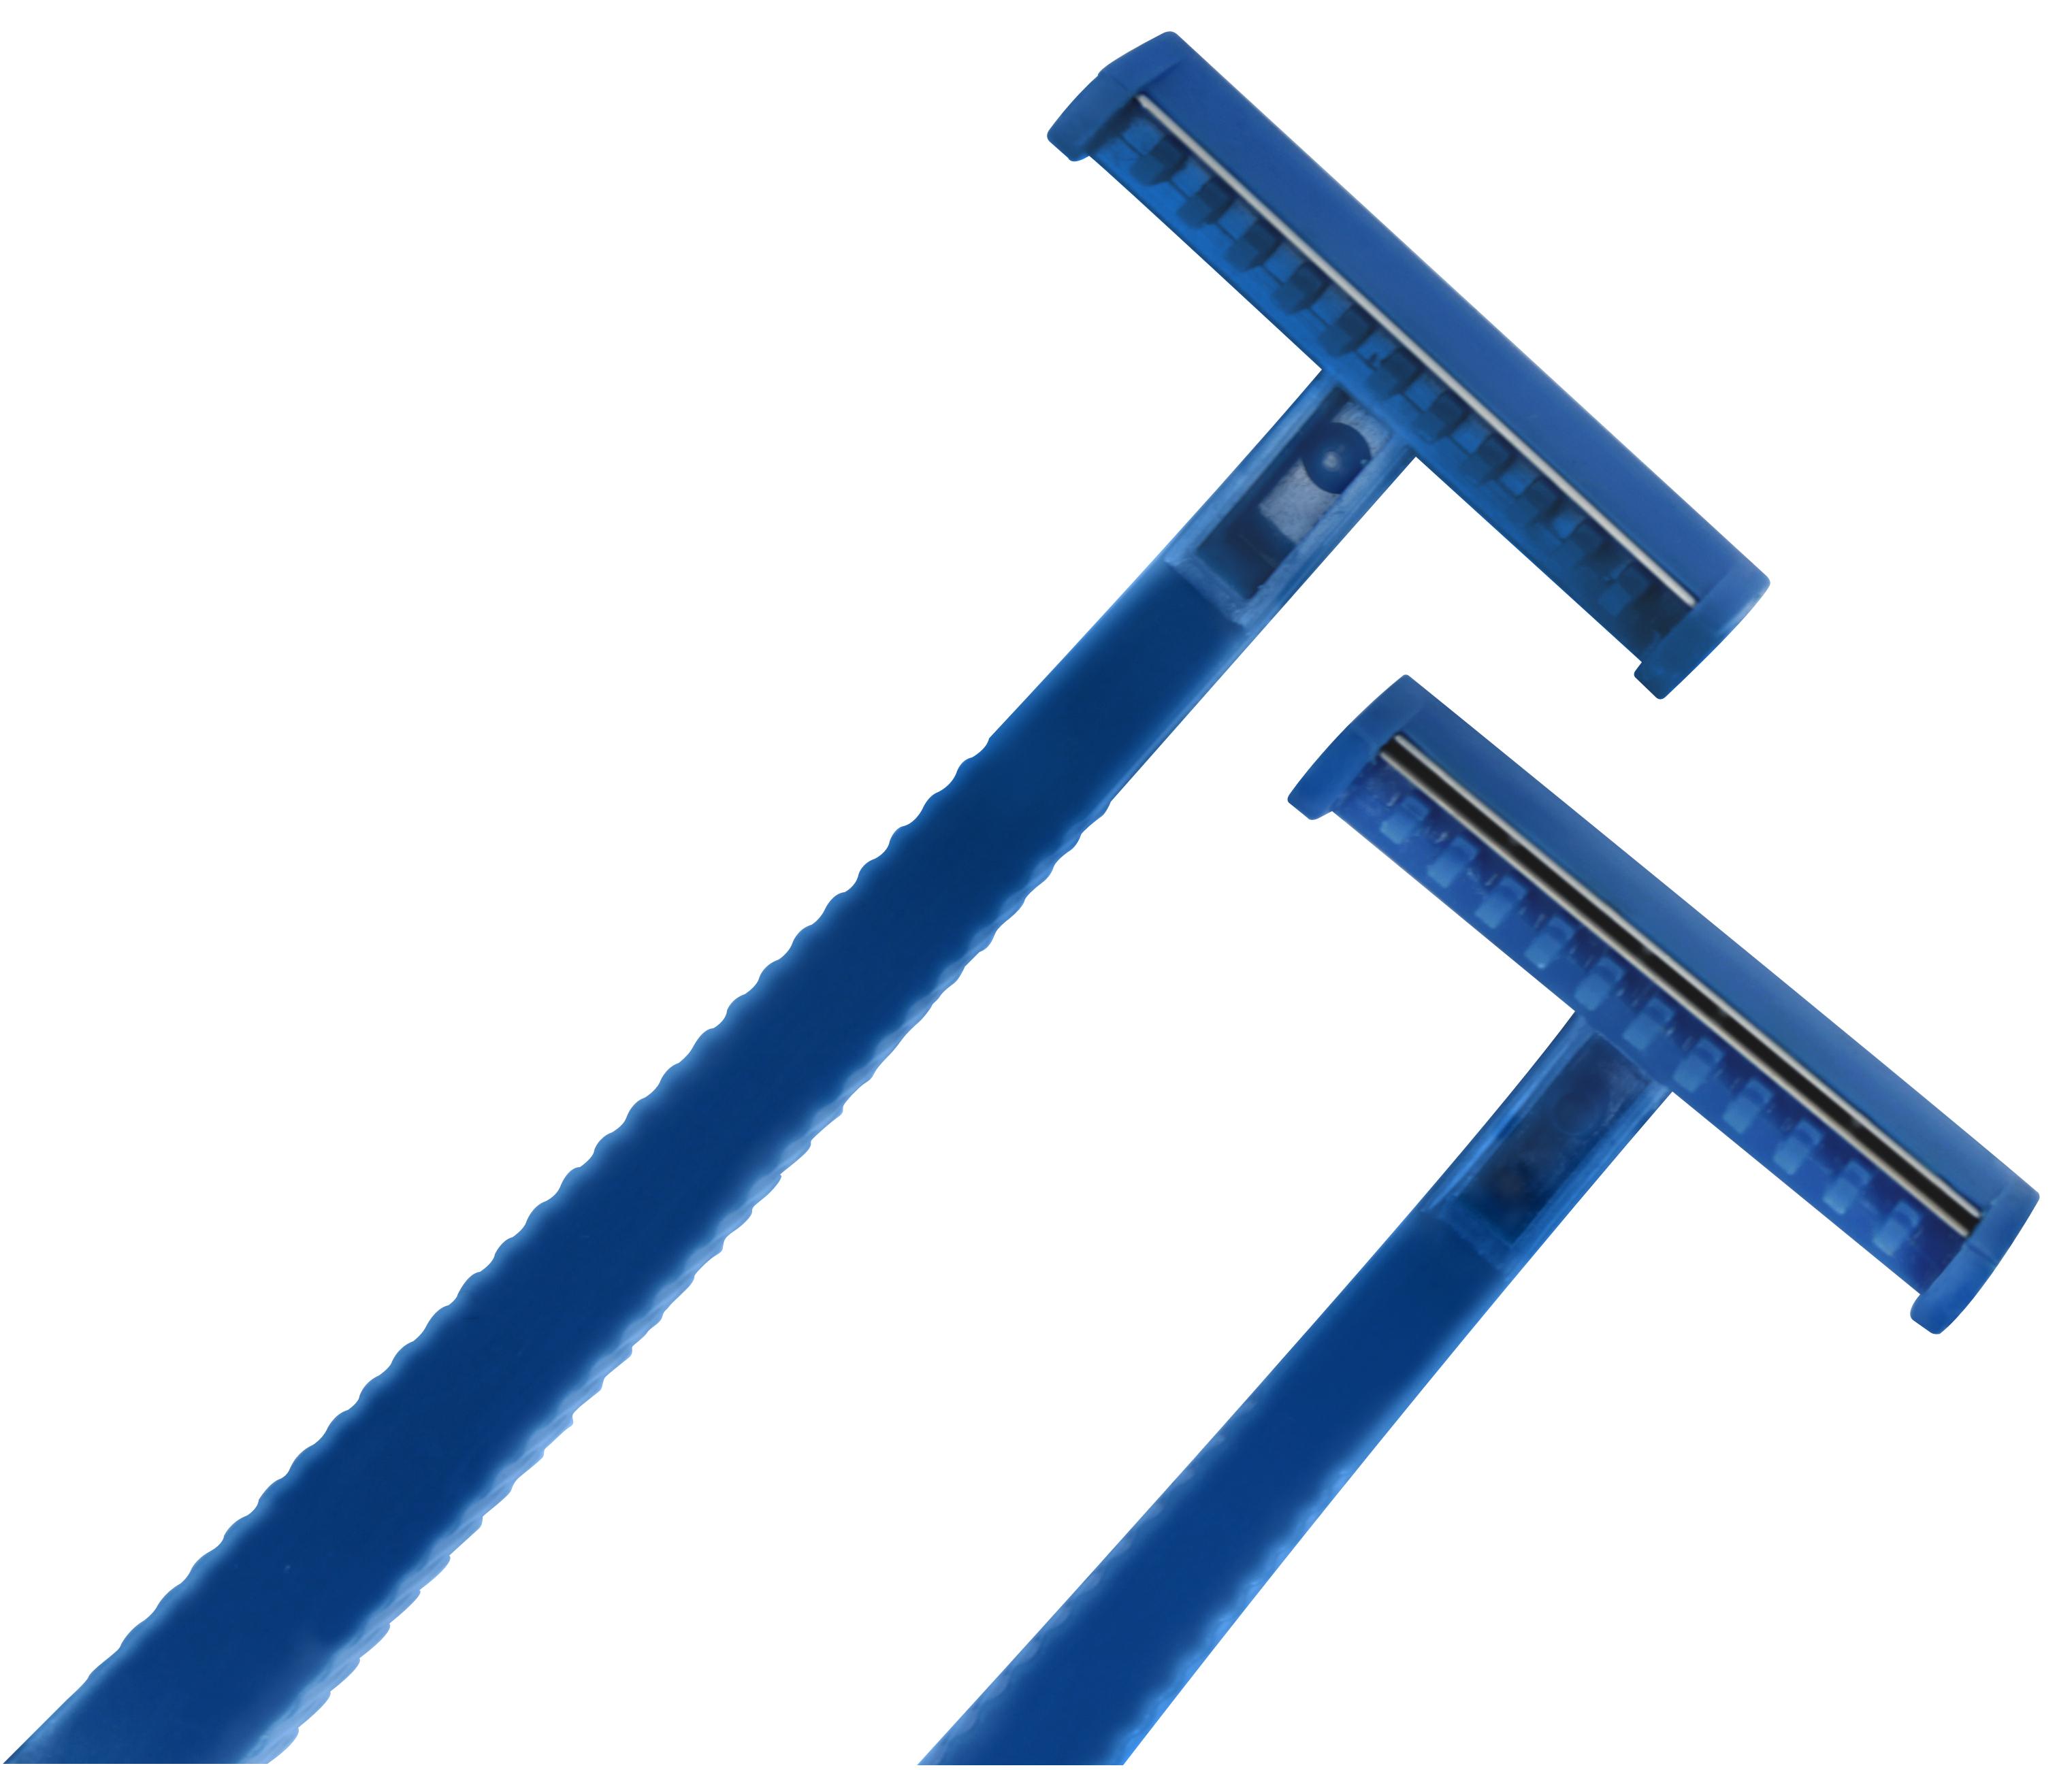 Einmalrasierer in blau, zweischneidig